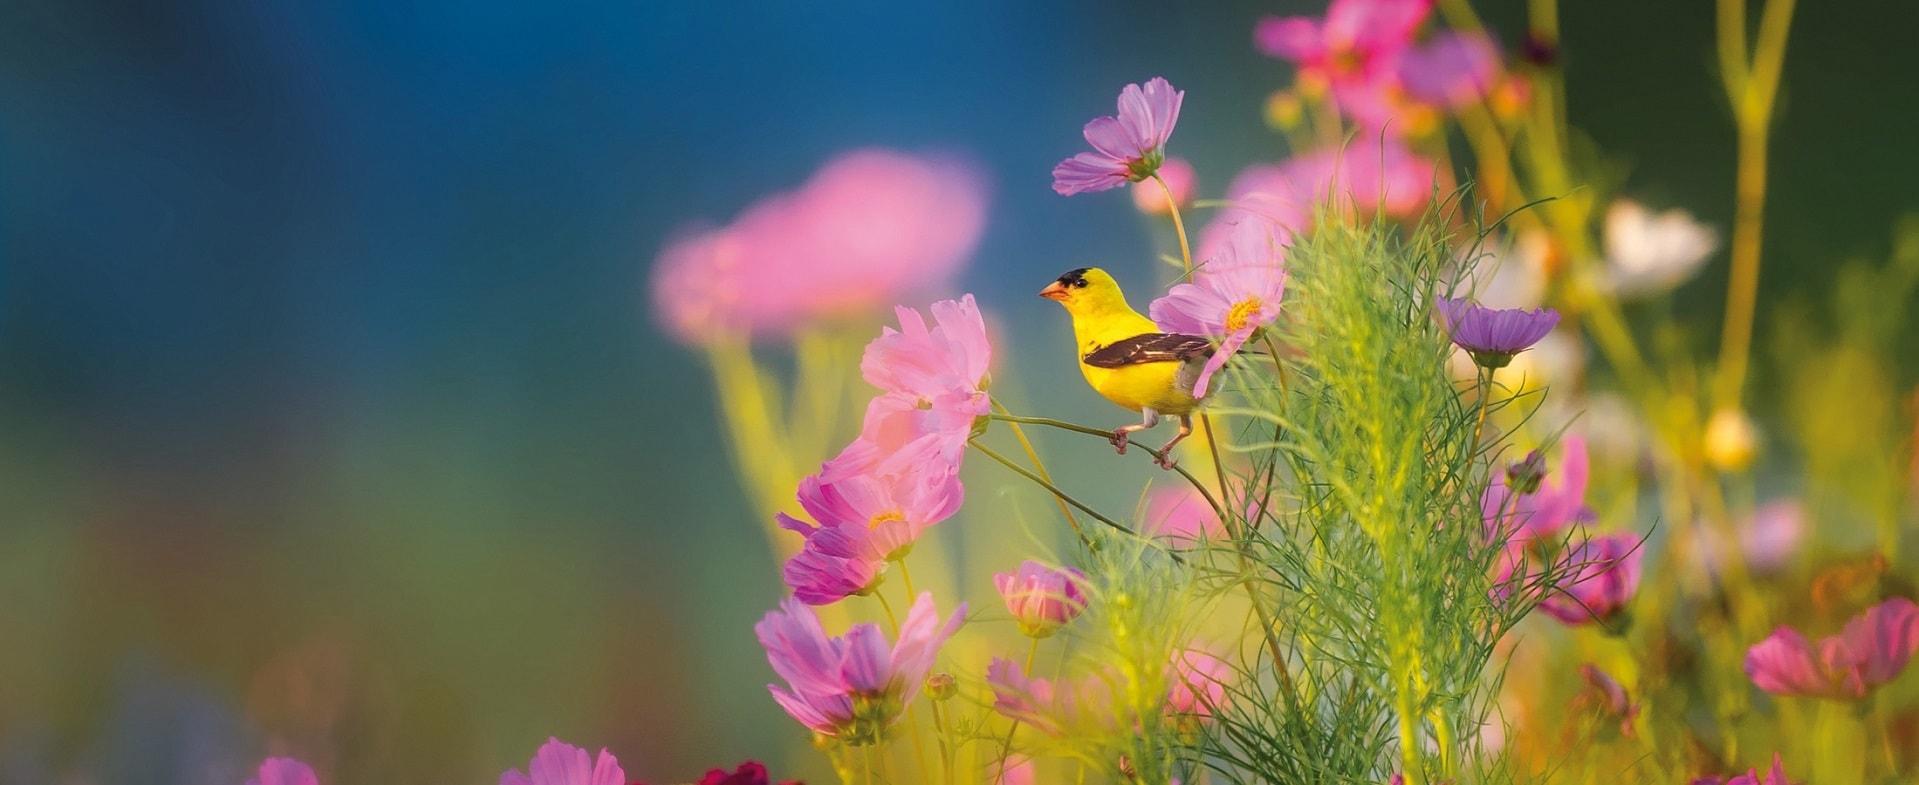 oiseau sur une fleur